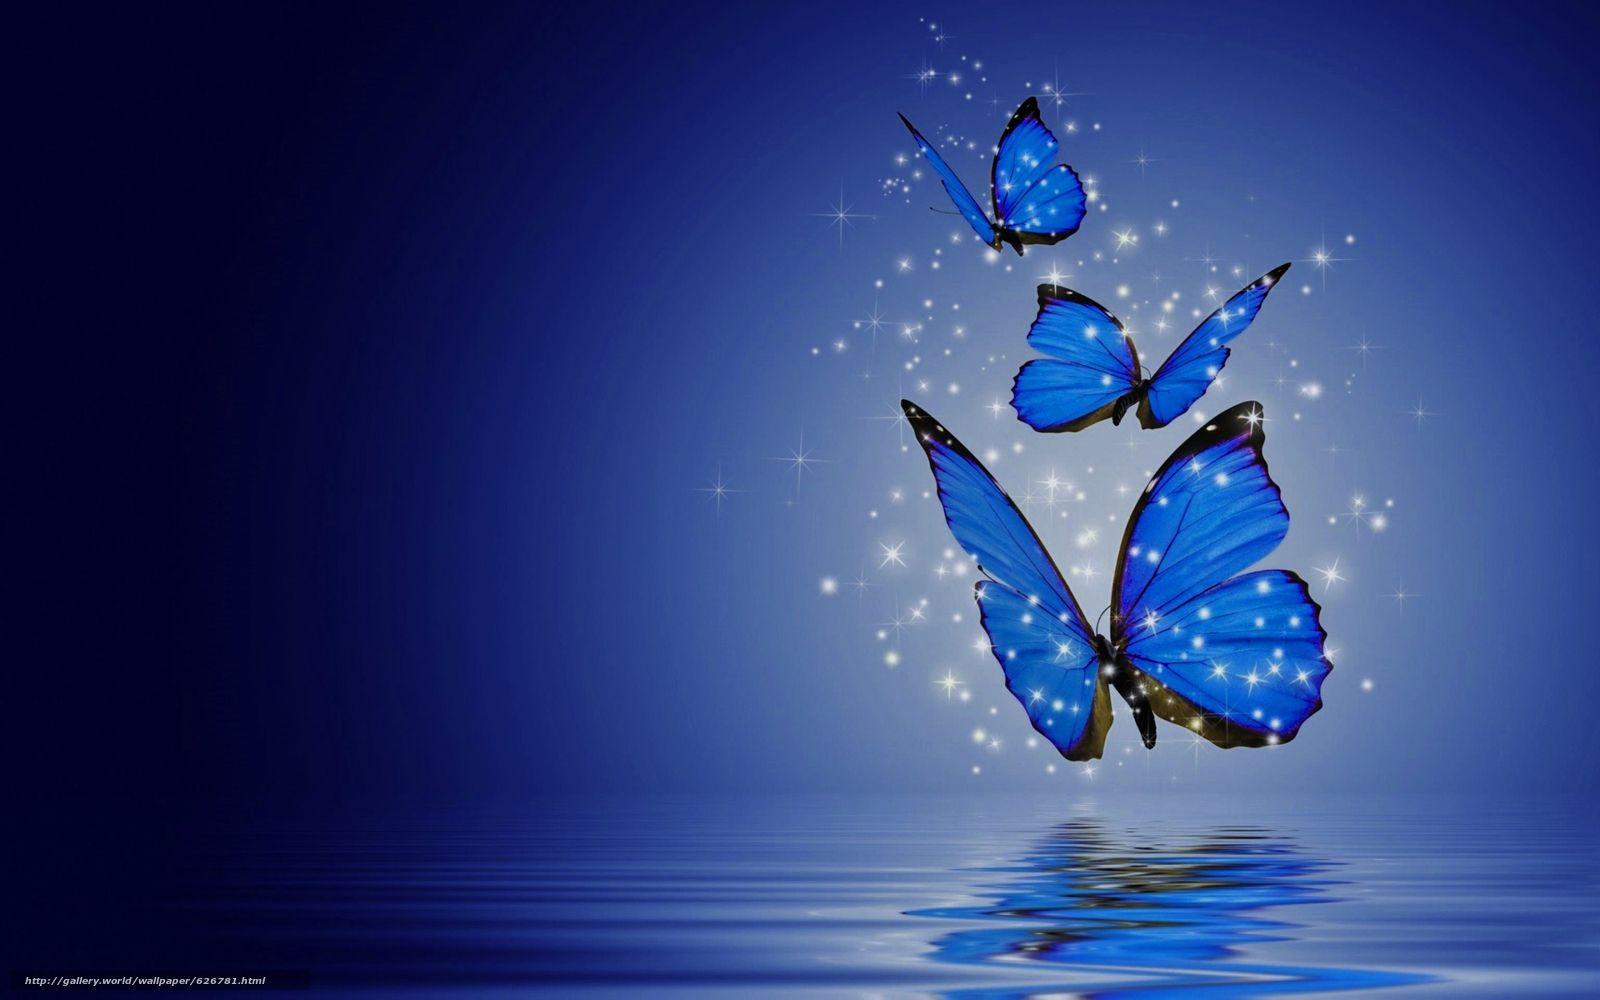 Scaricare gli sfondi farfalle farfalle 3d sfondi gratis for Sfondi full hd cellulare